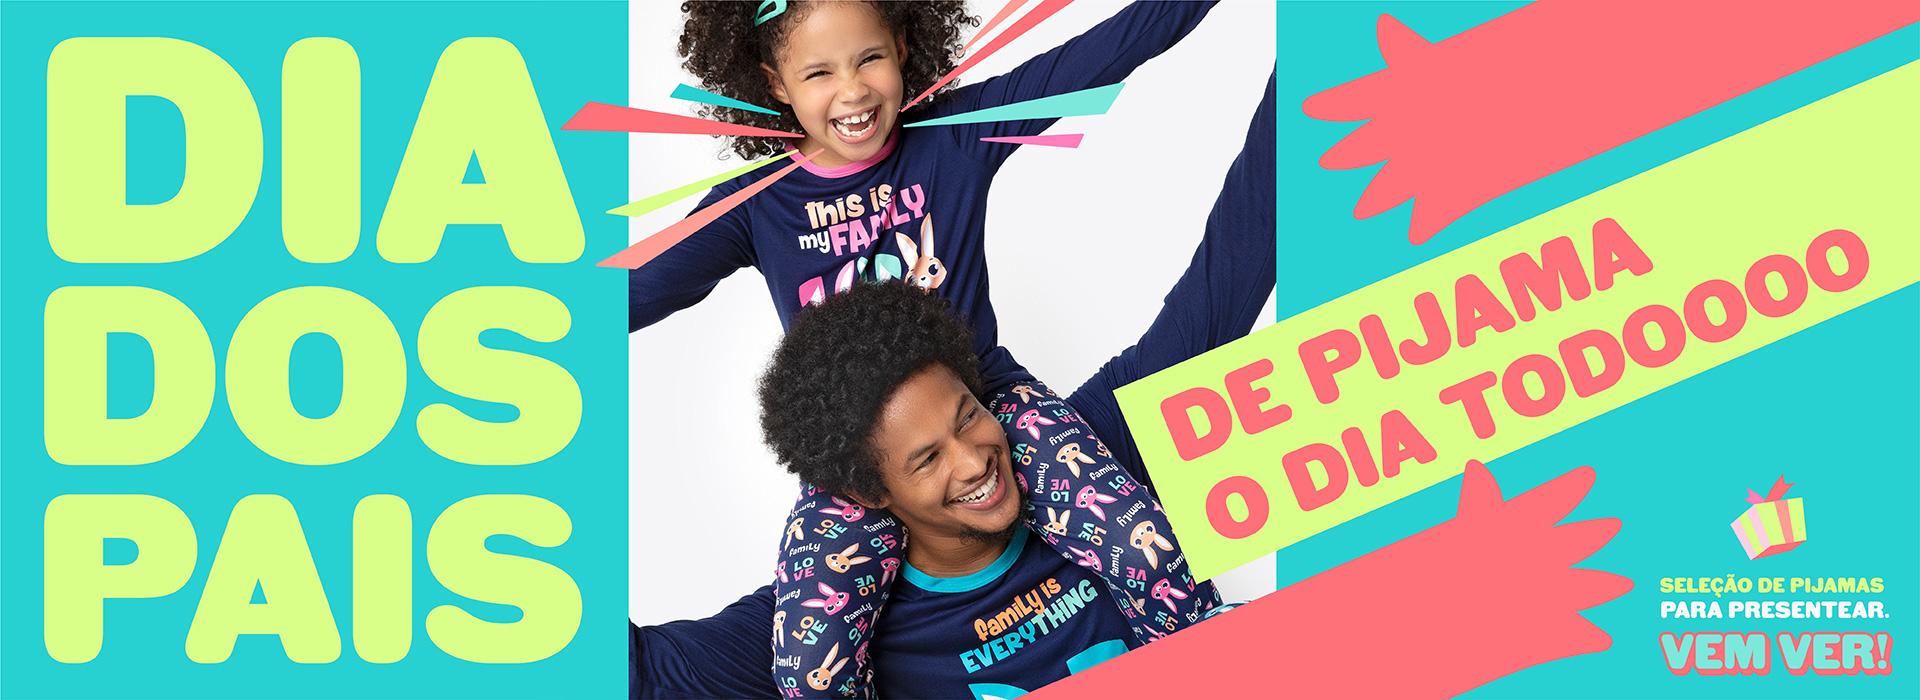 Banner B: Dia dos Pais! De pijama o dia todo! Vem ver